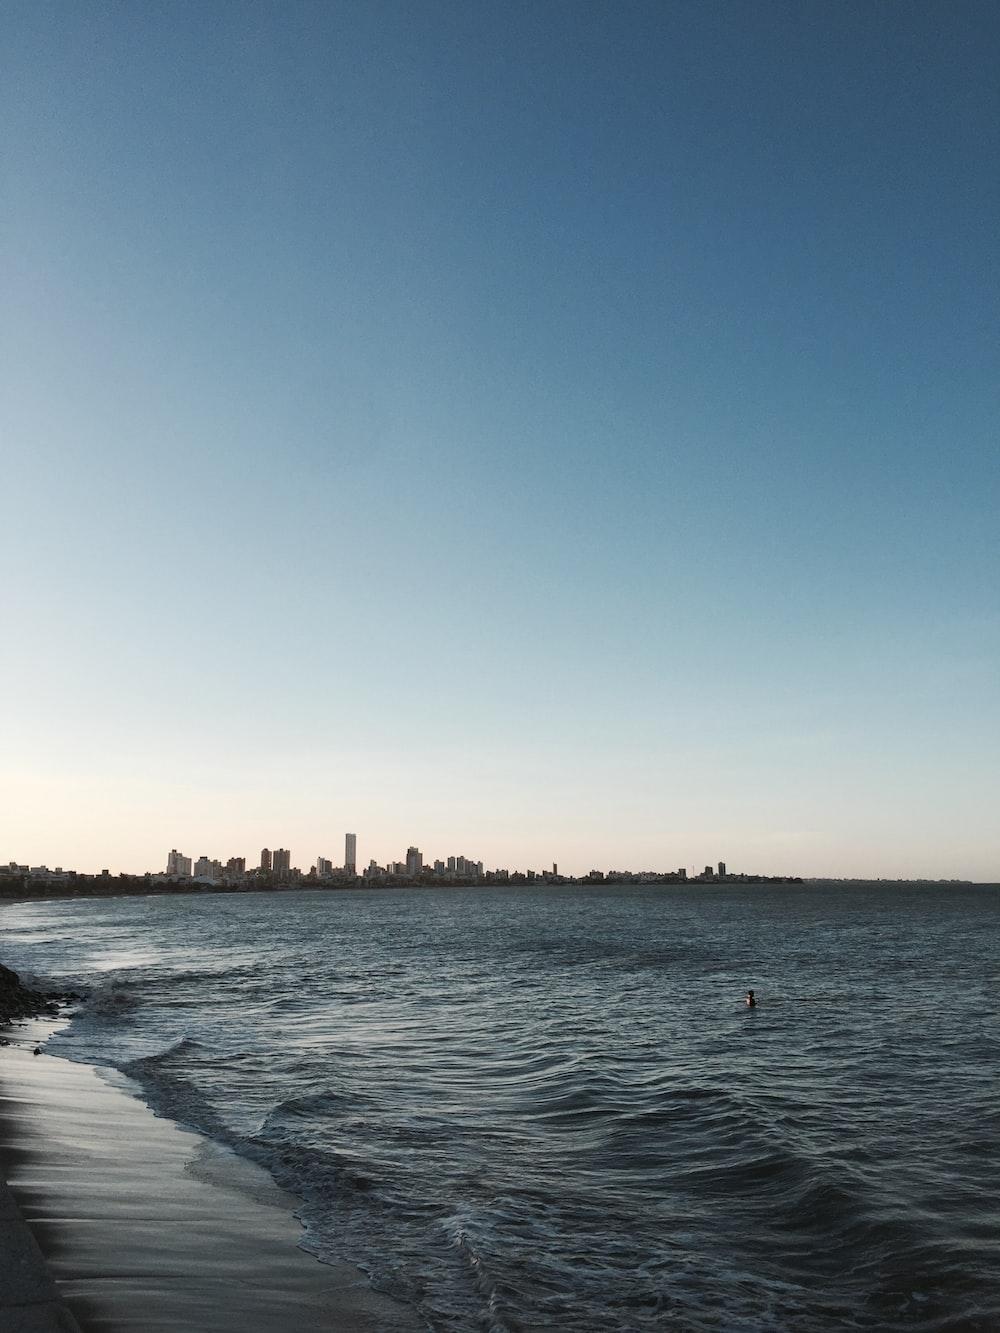 seawave under blue sky during daytime